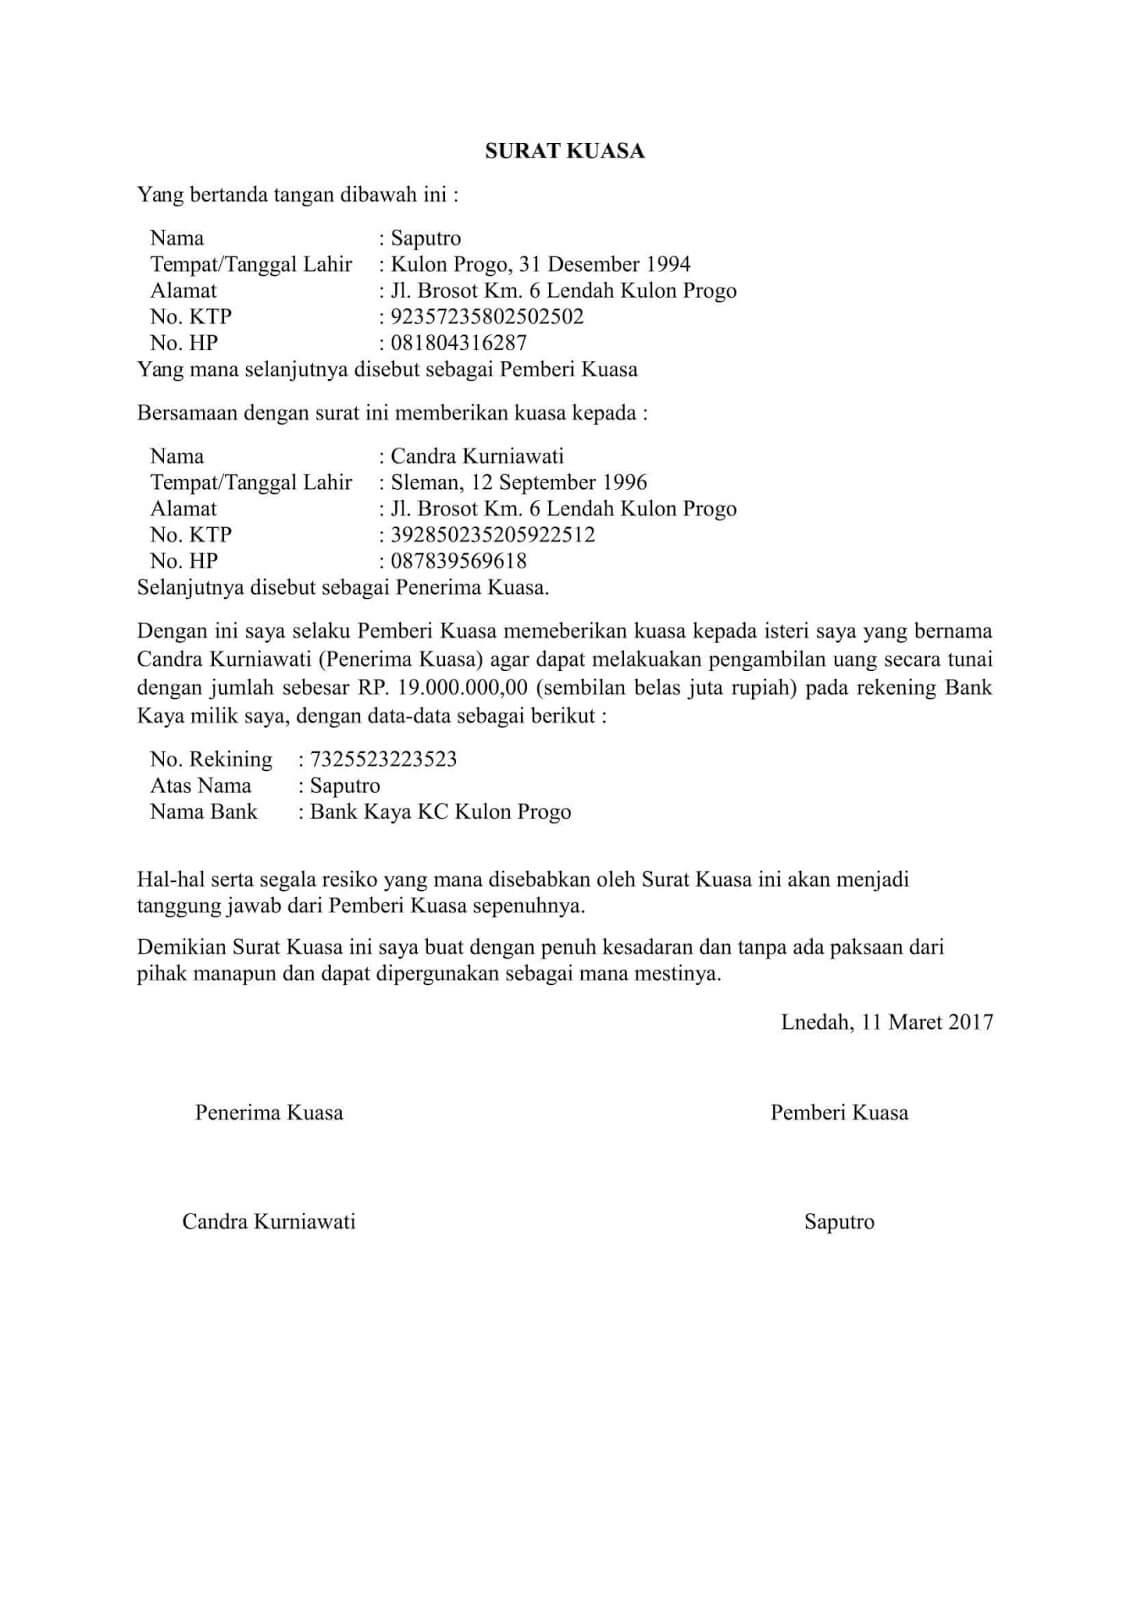 contoh surat kuasa pengambilan uang di bankbni